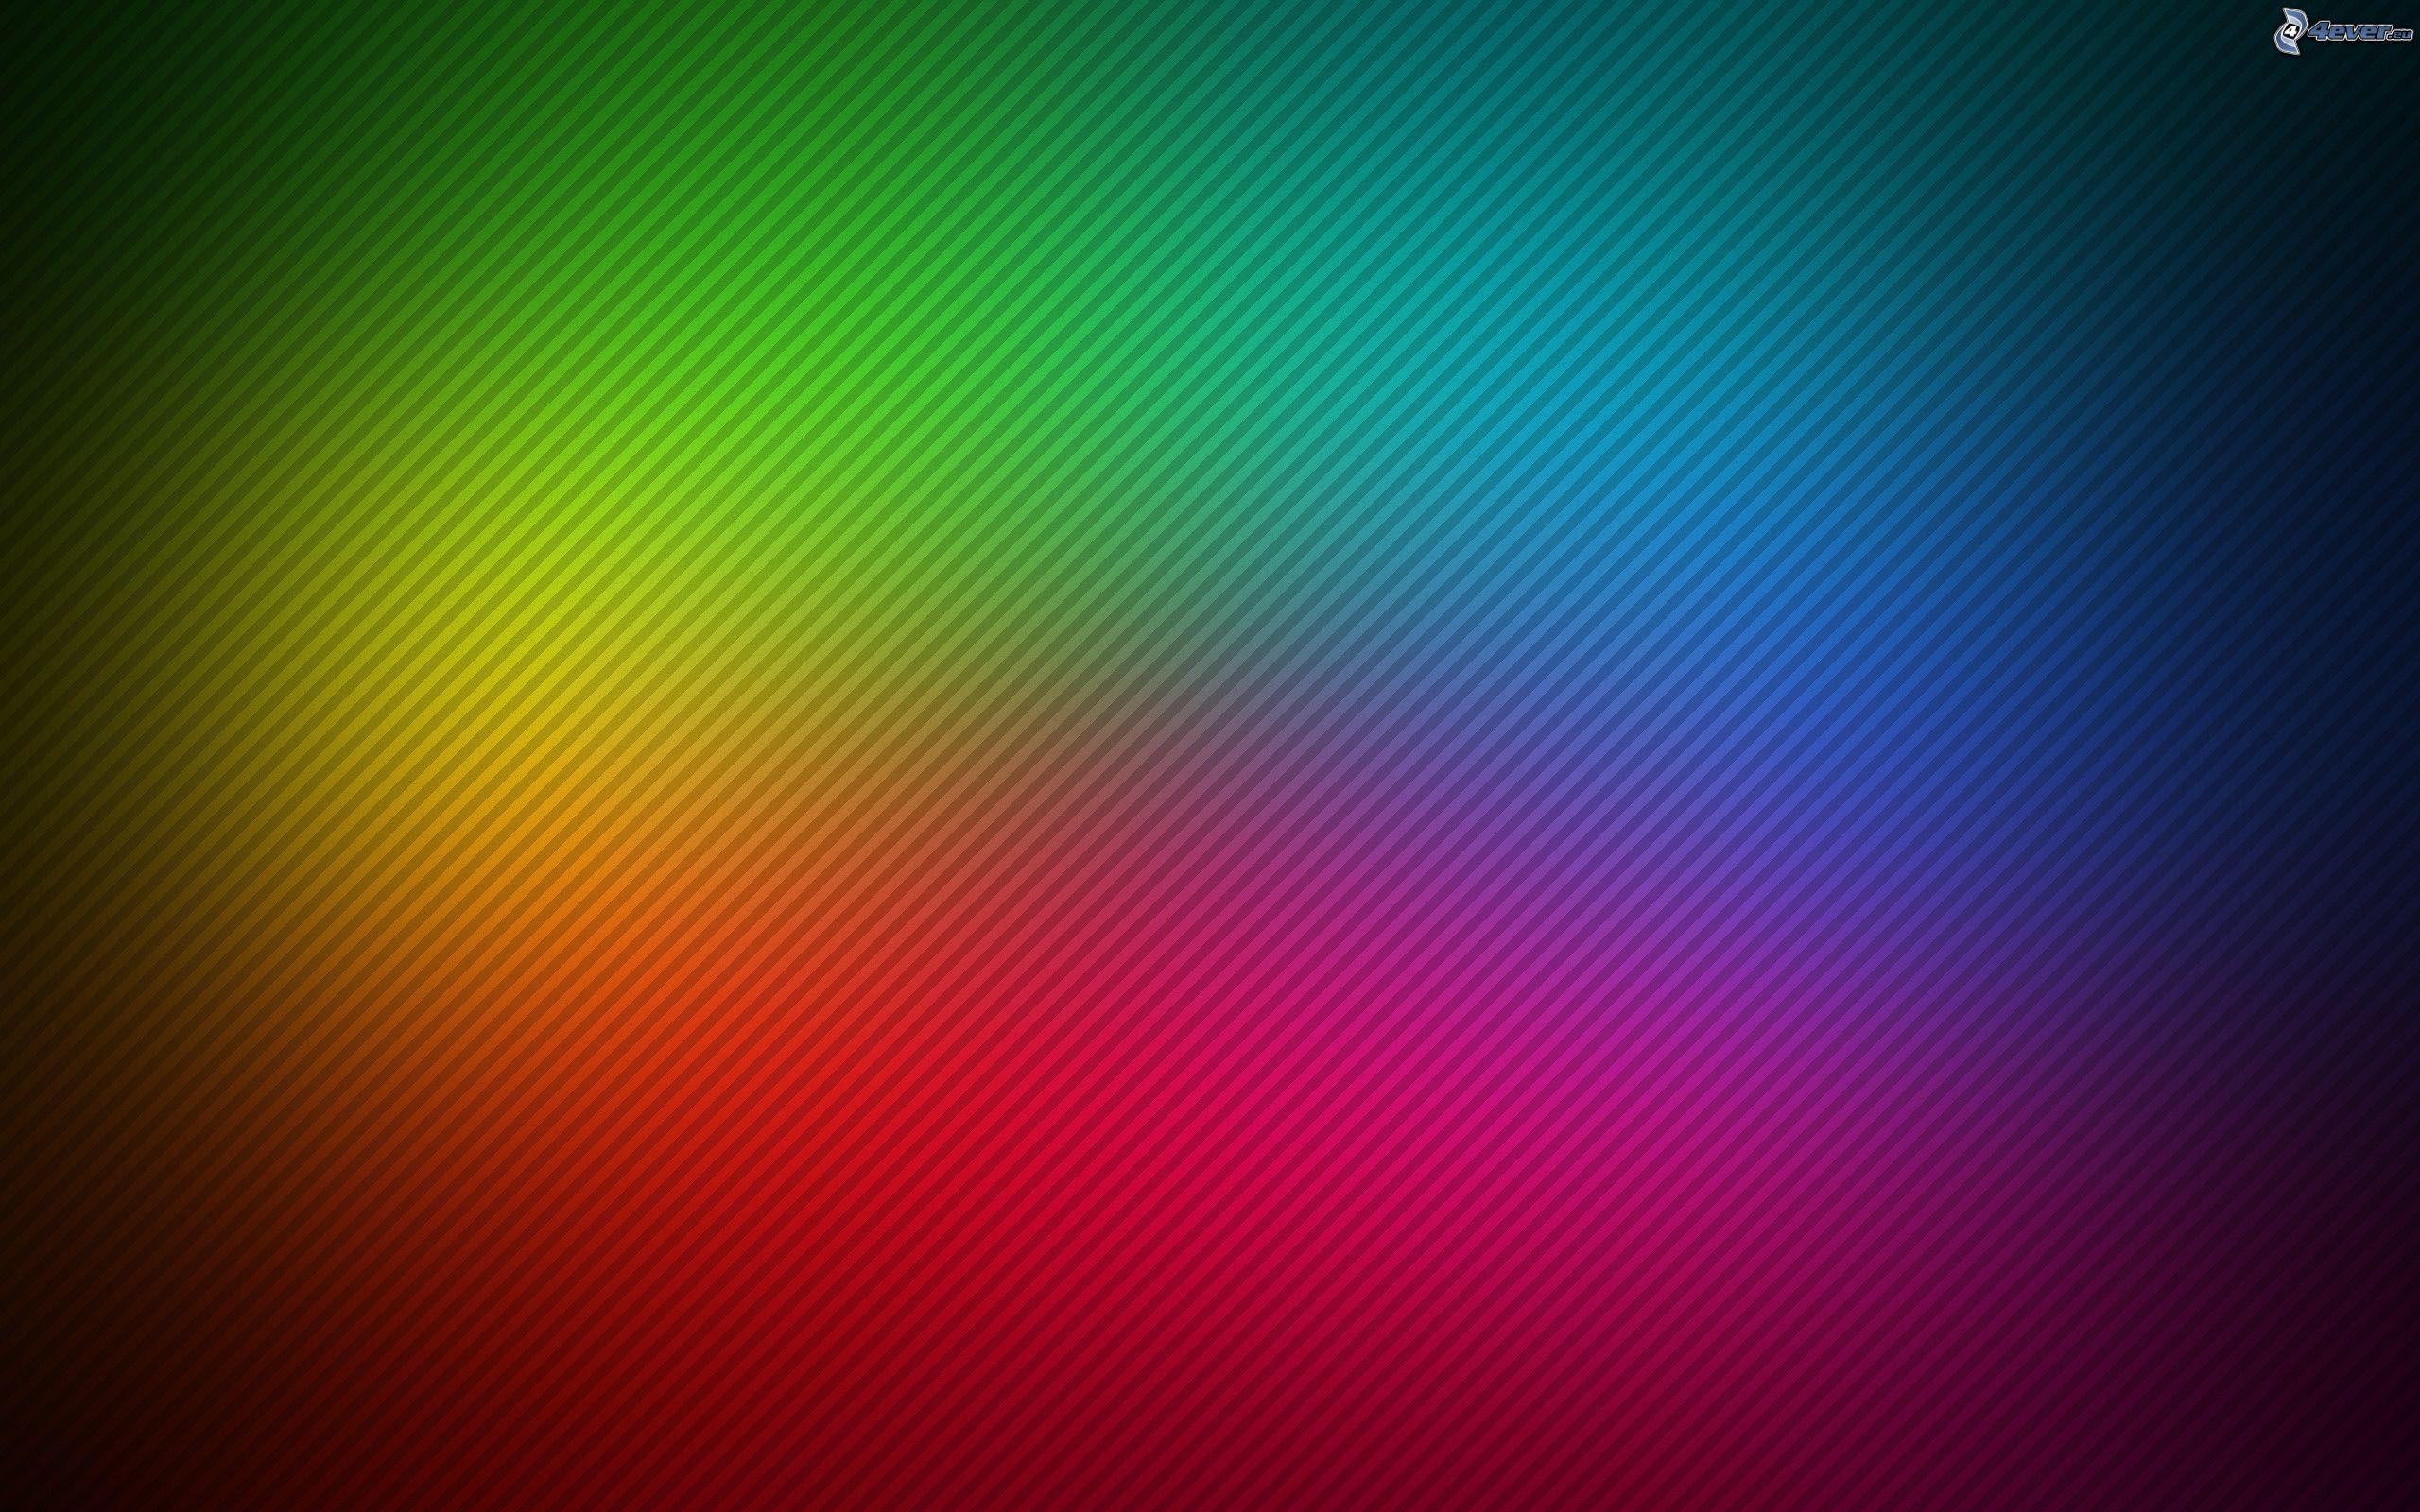 Sfondo colorato - Immagine di lucertola a colori ...